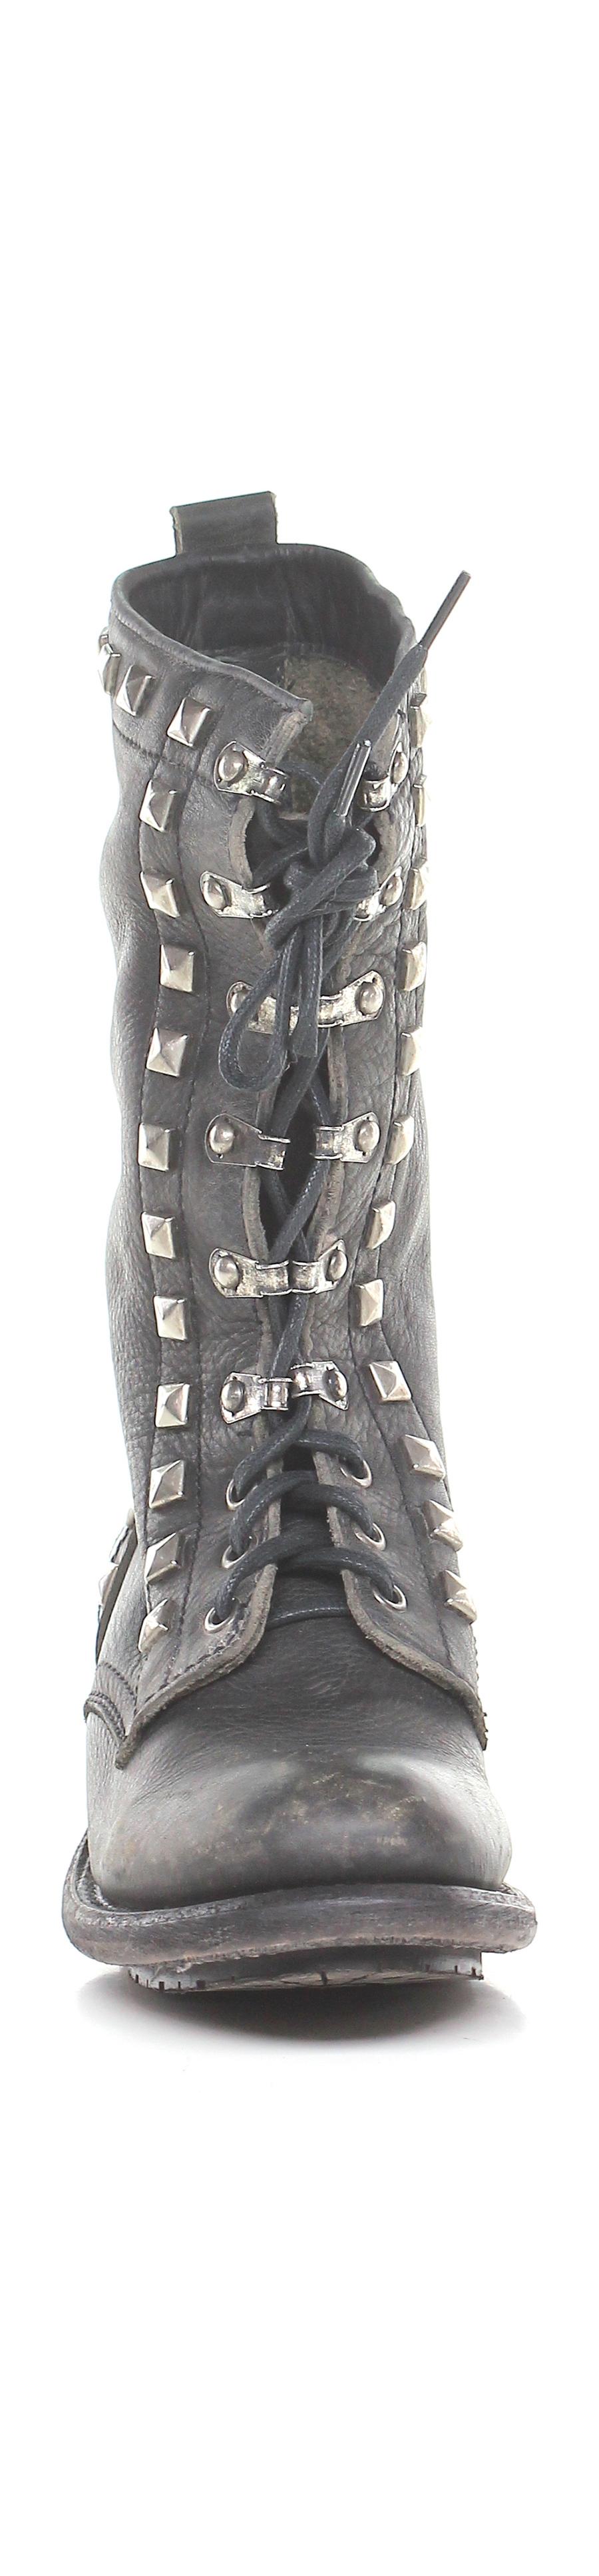 Polacco Black ASH Verschleißfeste billige Schuhe